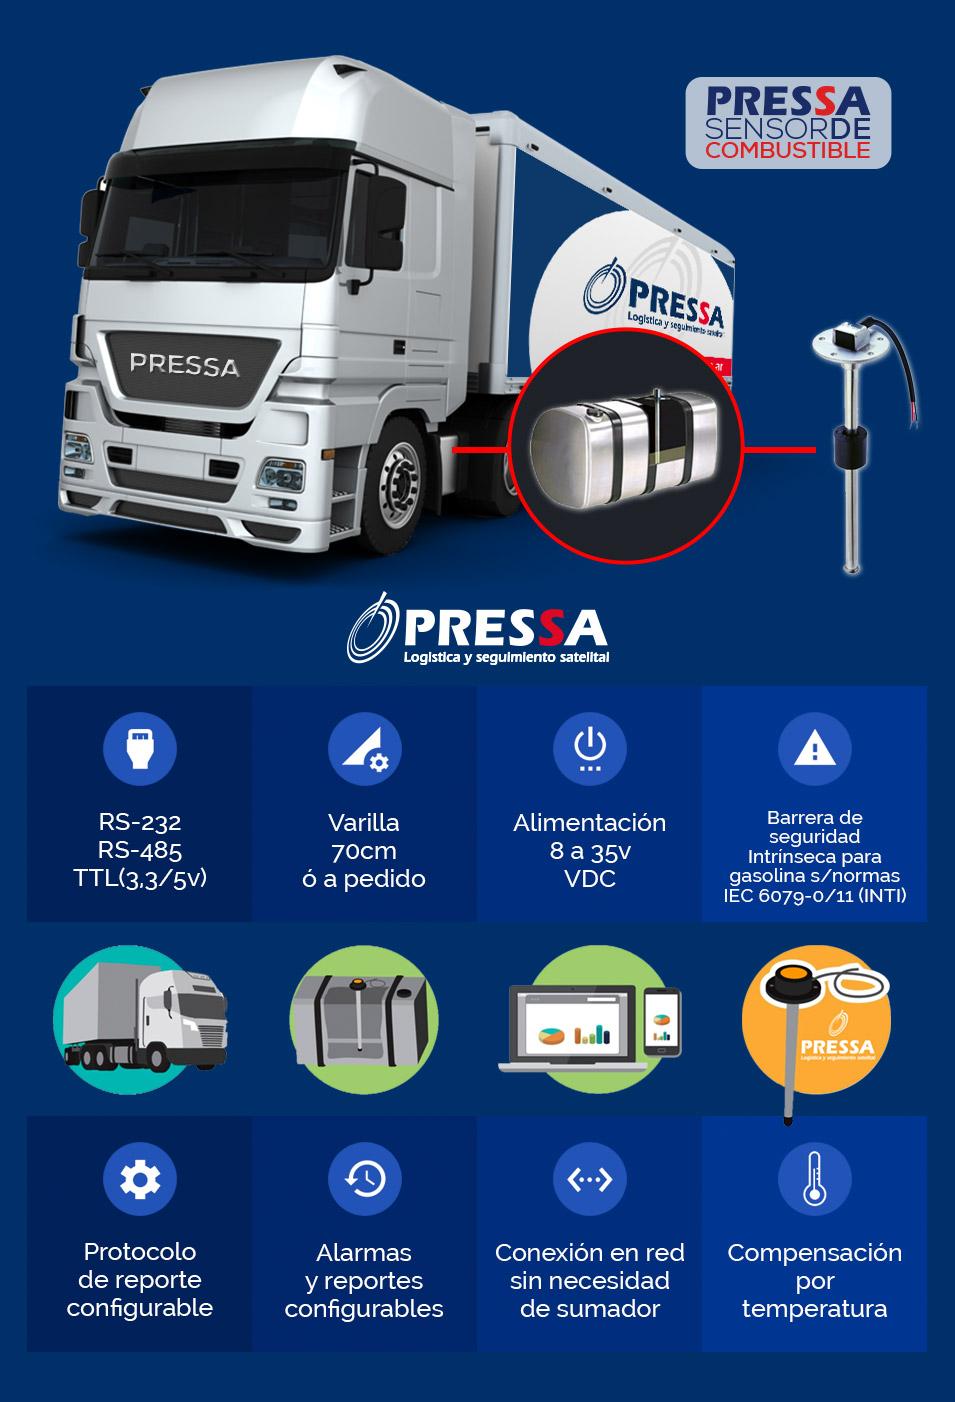 Pressa Sensor de Combustible